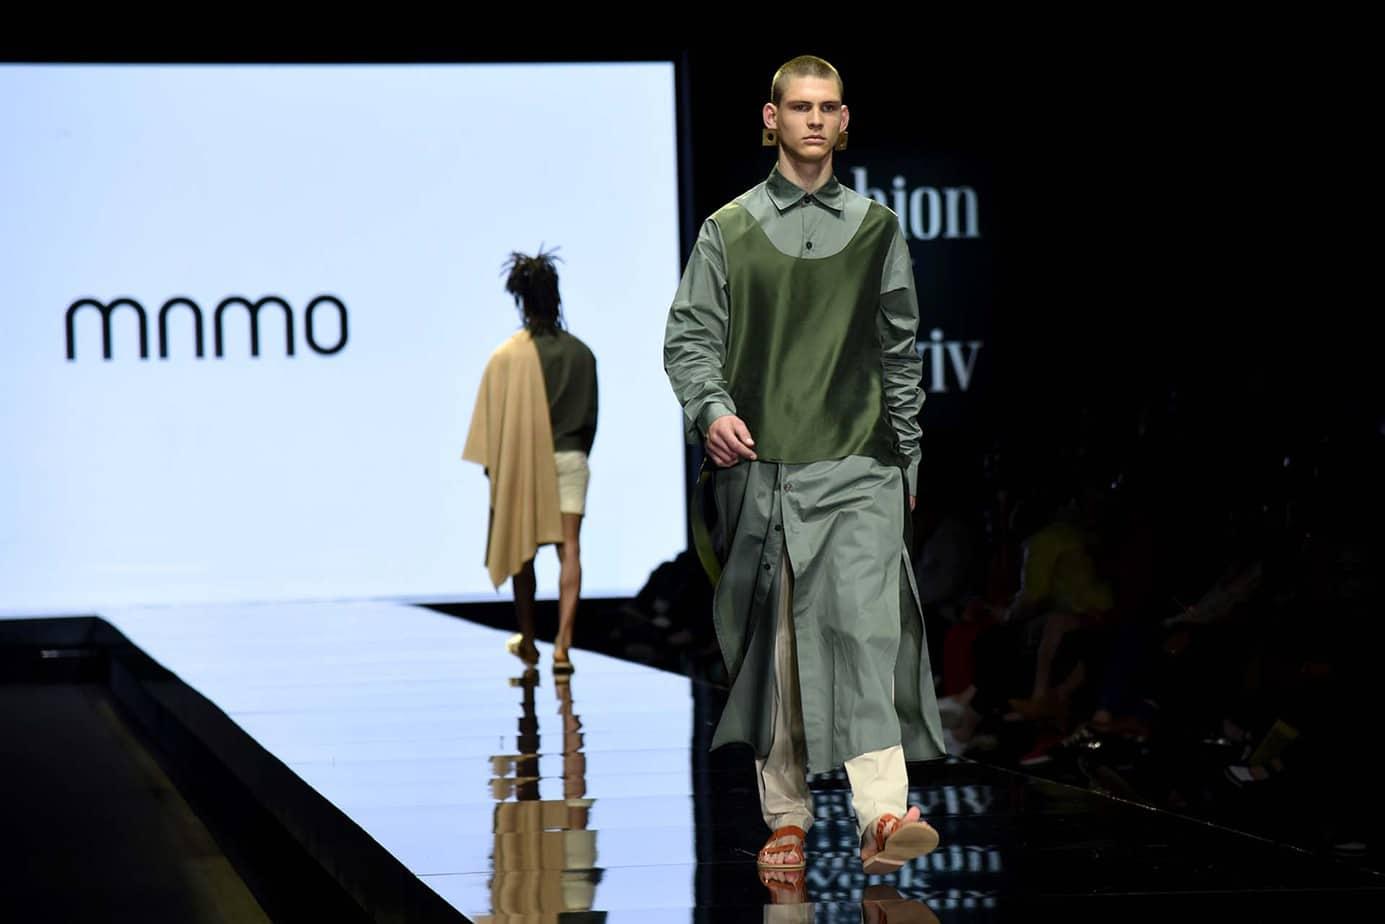 שירן ראובן ל-Mamo. חממת מפעל הפיס. שבוע האופנה תל אביב 2019. צילום: לימור יערי